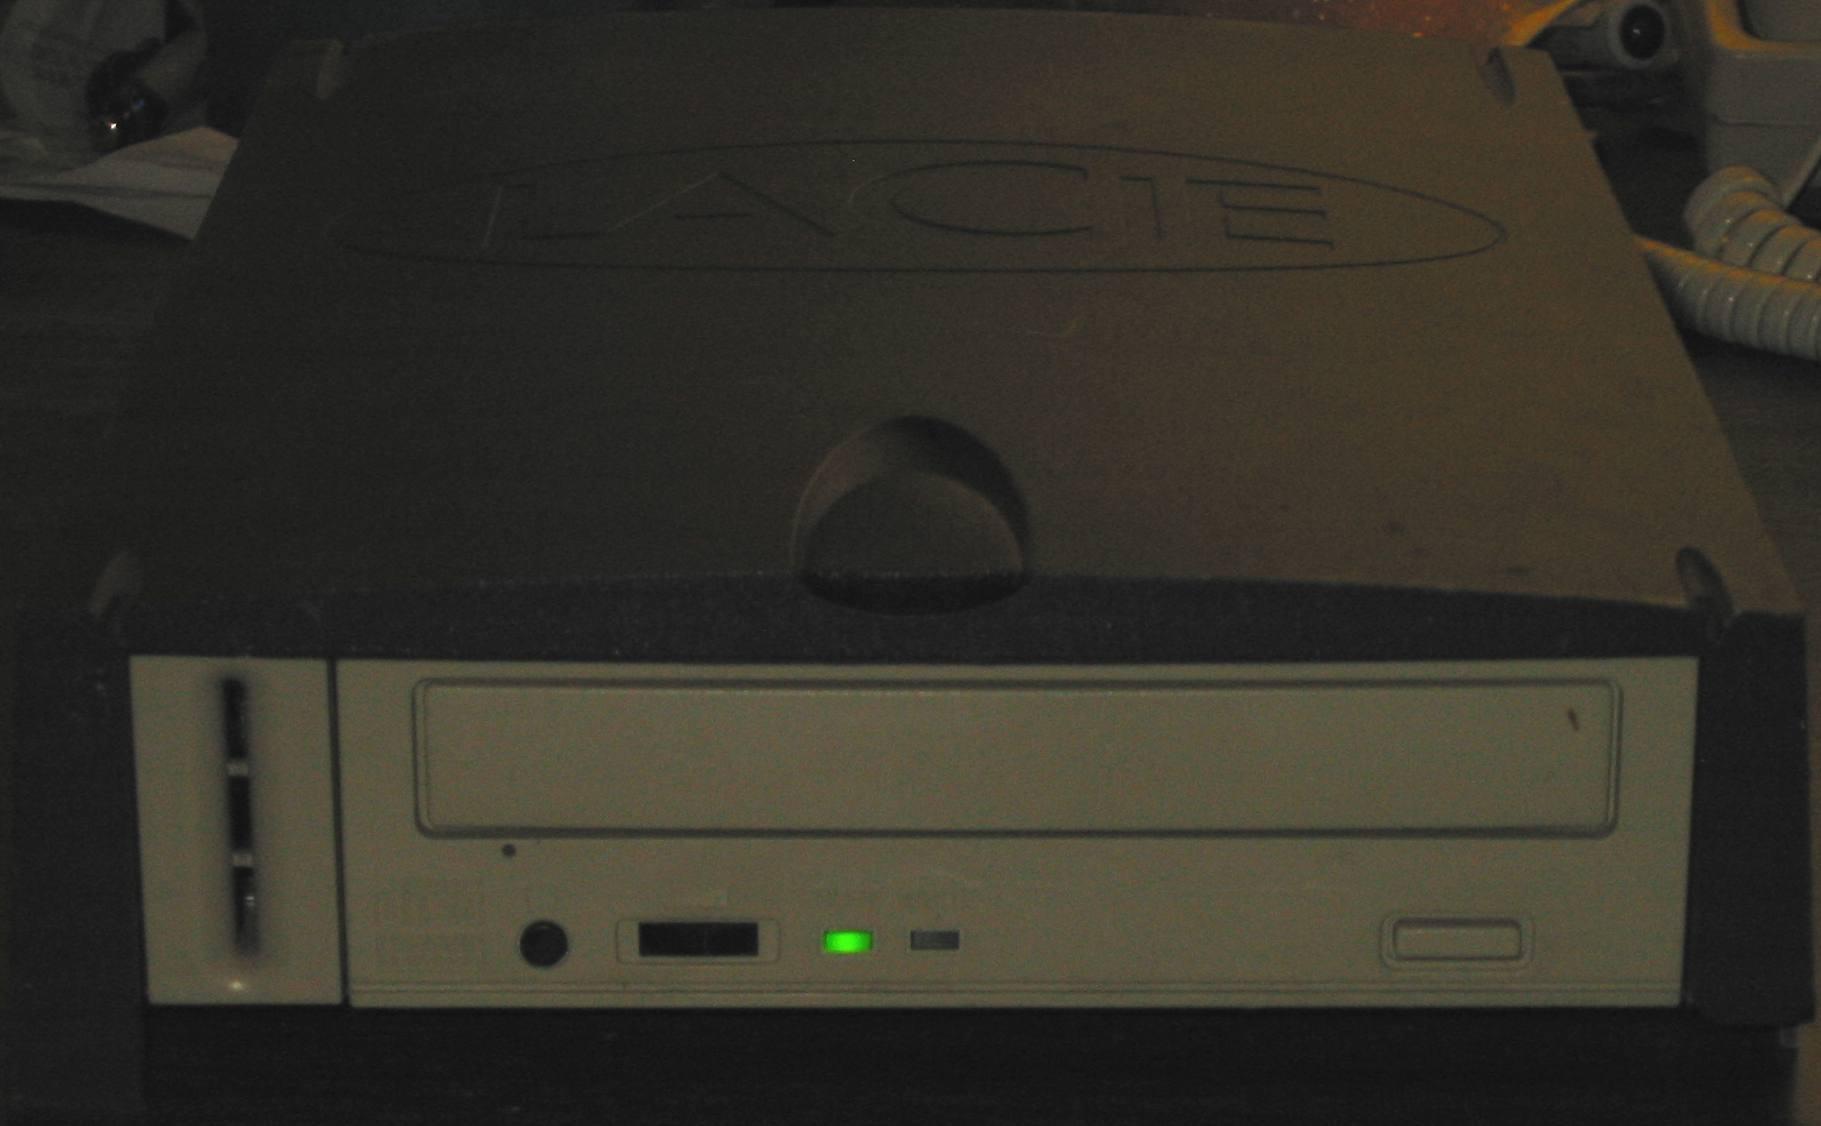 LaCie 12x4x32 SCSI CDRW - front